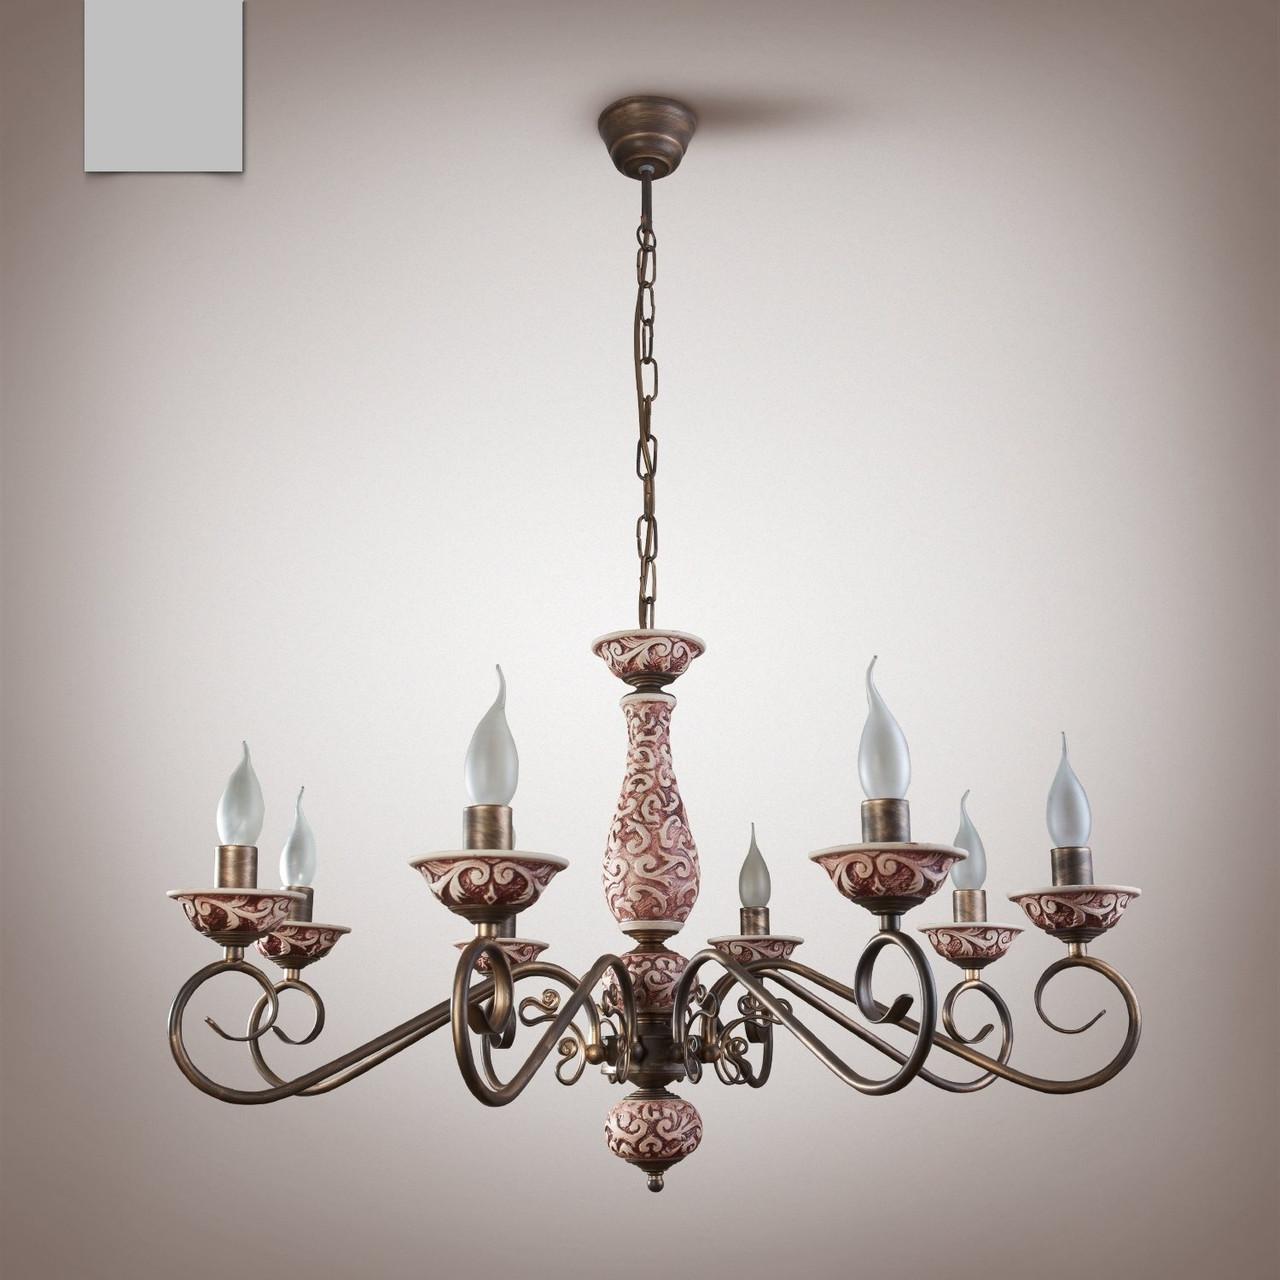 Люстра классическая со свечами в большую комнату  10907